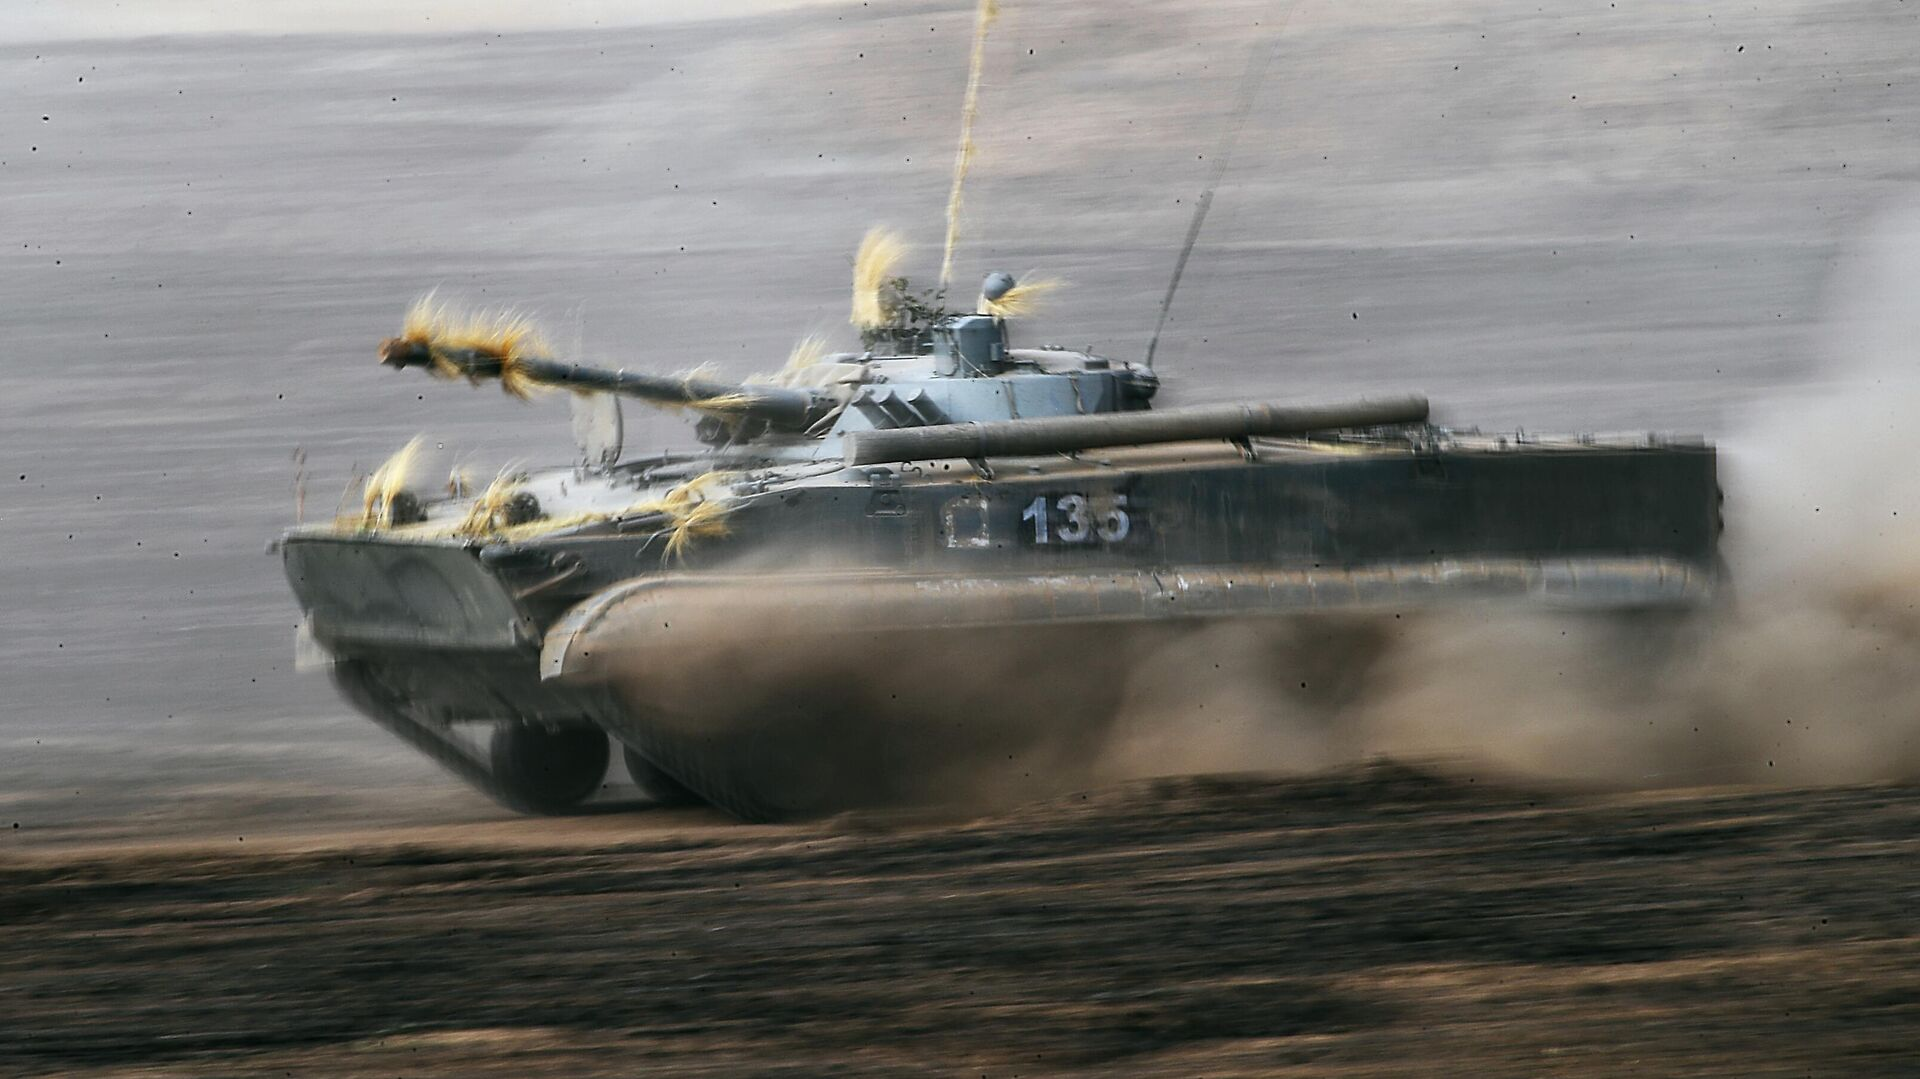 Боевая машина пехоты БМП-3 - РИА Новости, 1920, 06.08.2021